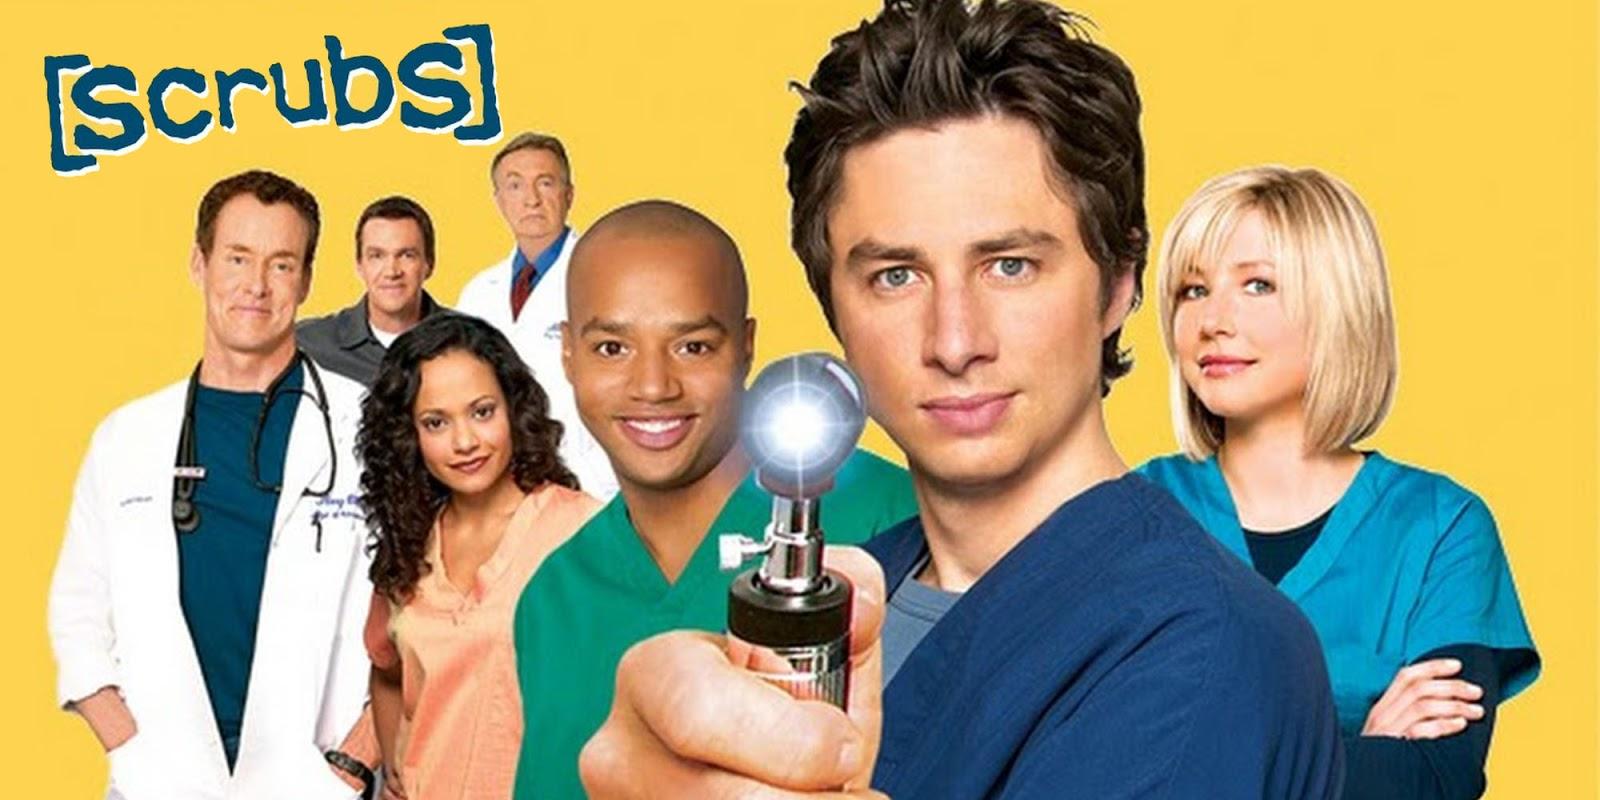 Scrubs medici ai primi ferri serie TV